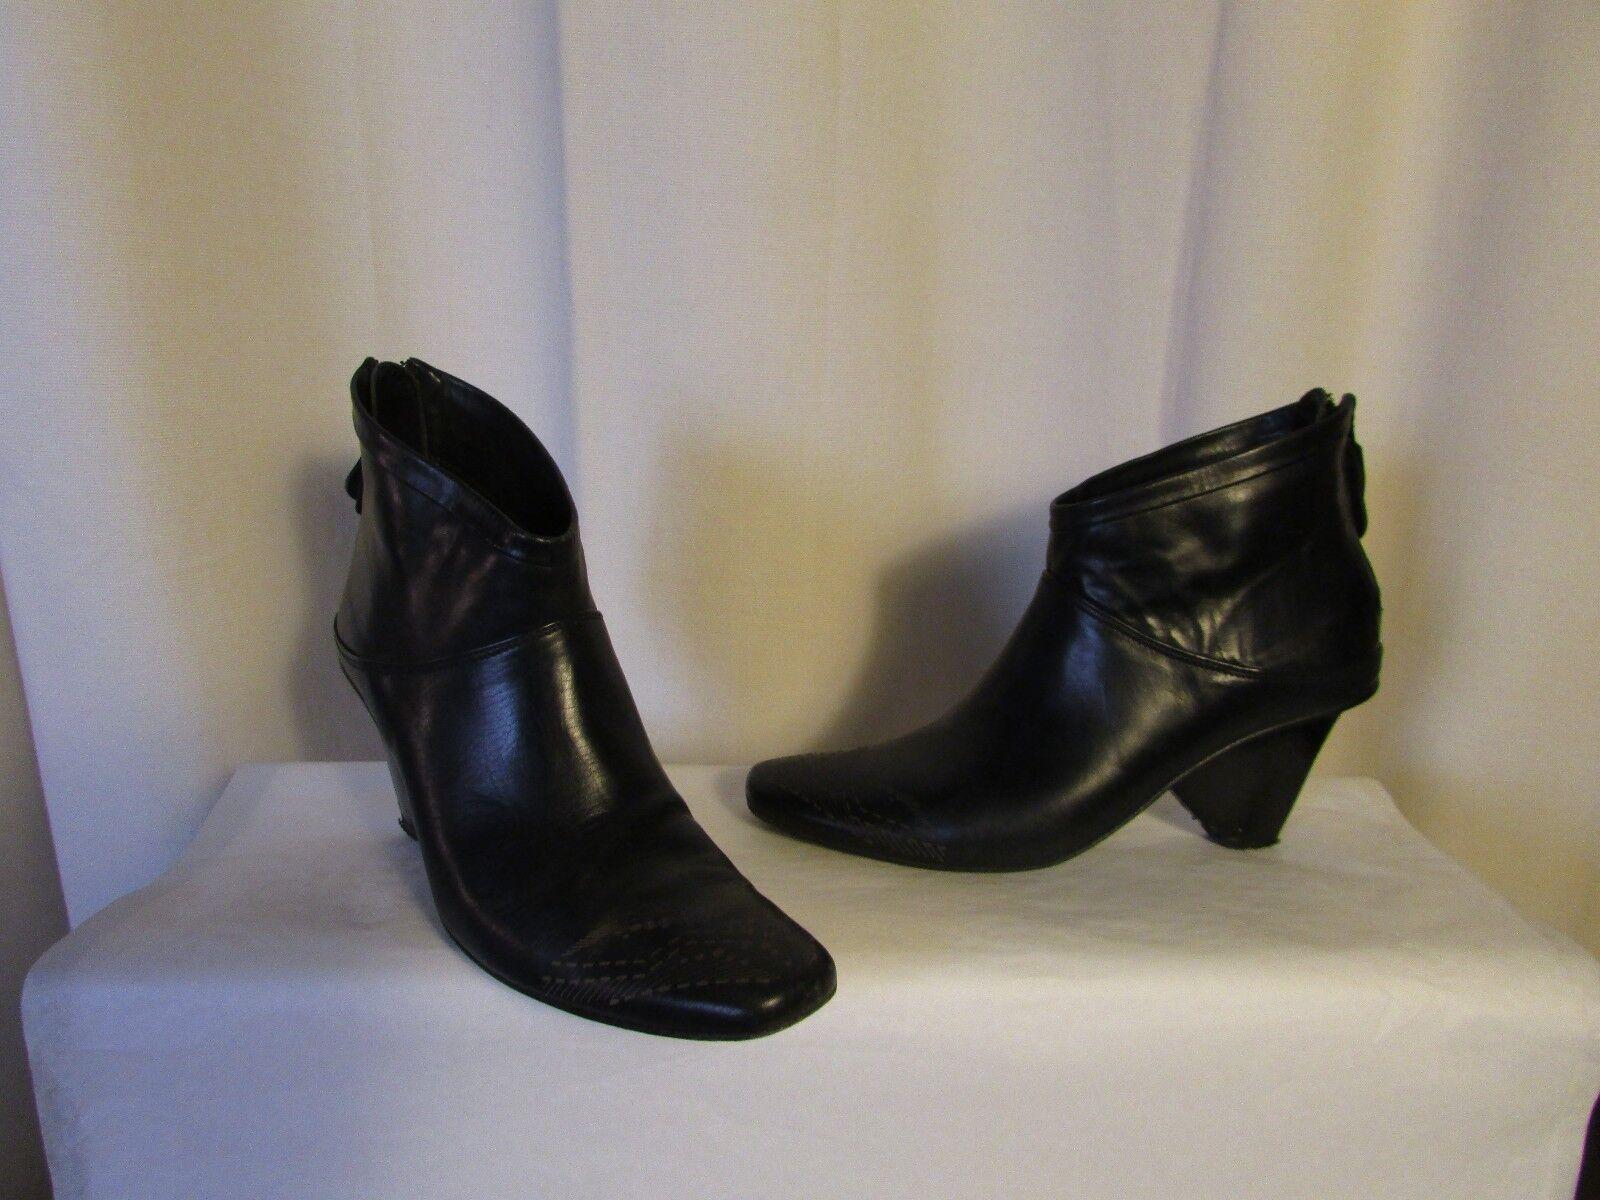 boots/bottines Marithé Girbaud François Girbaud Marithé cuir noir 37 ca13a4